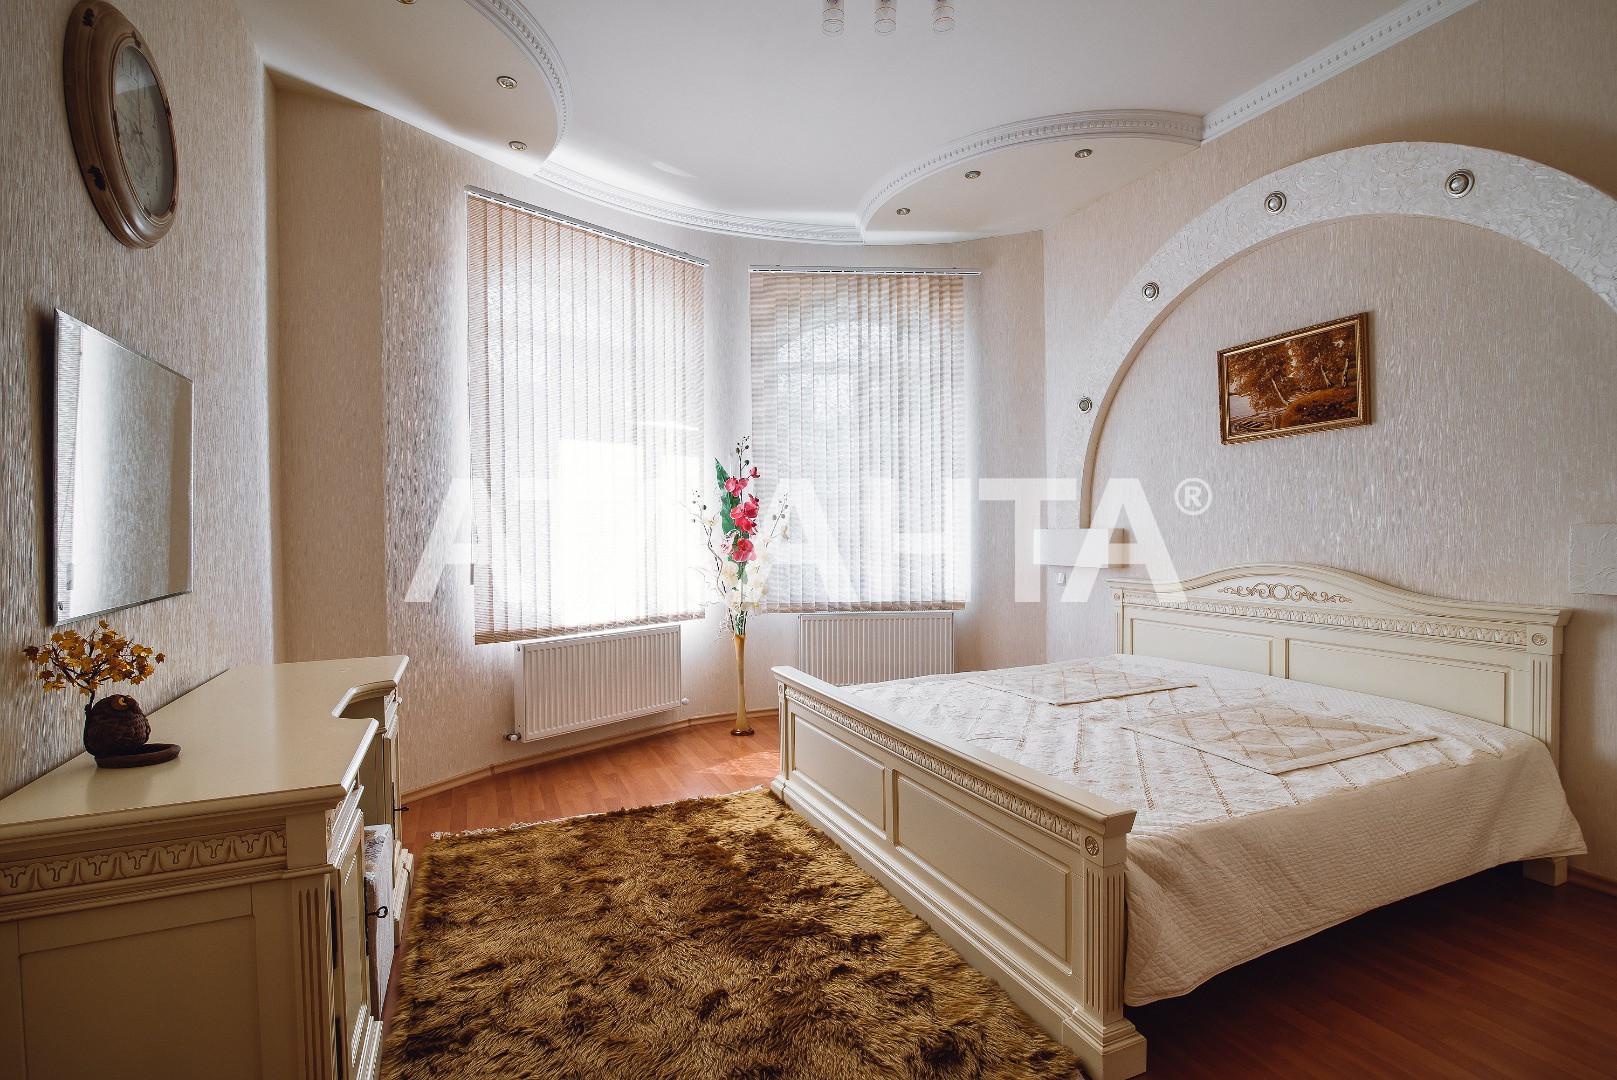 Продается Дом на ул. Аркадиевский Пер. — 1 300 000 у.е. (фото №19)